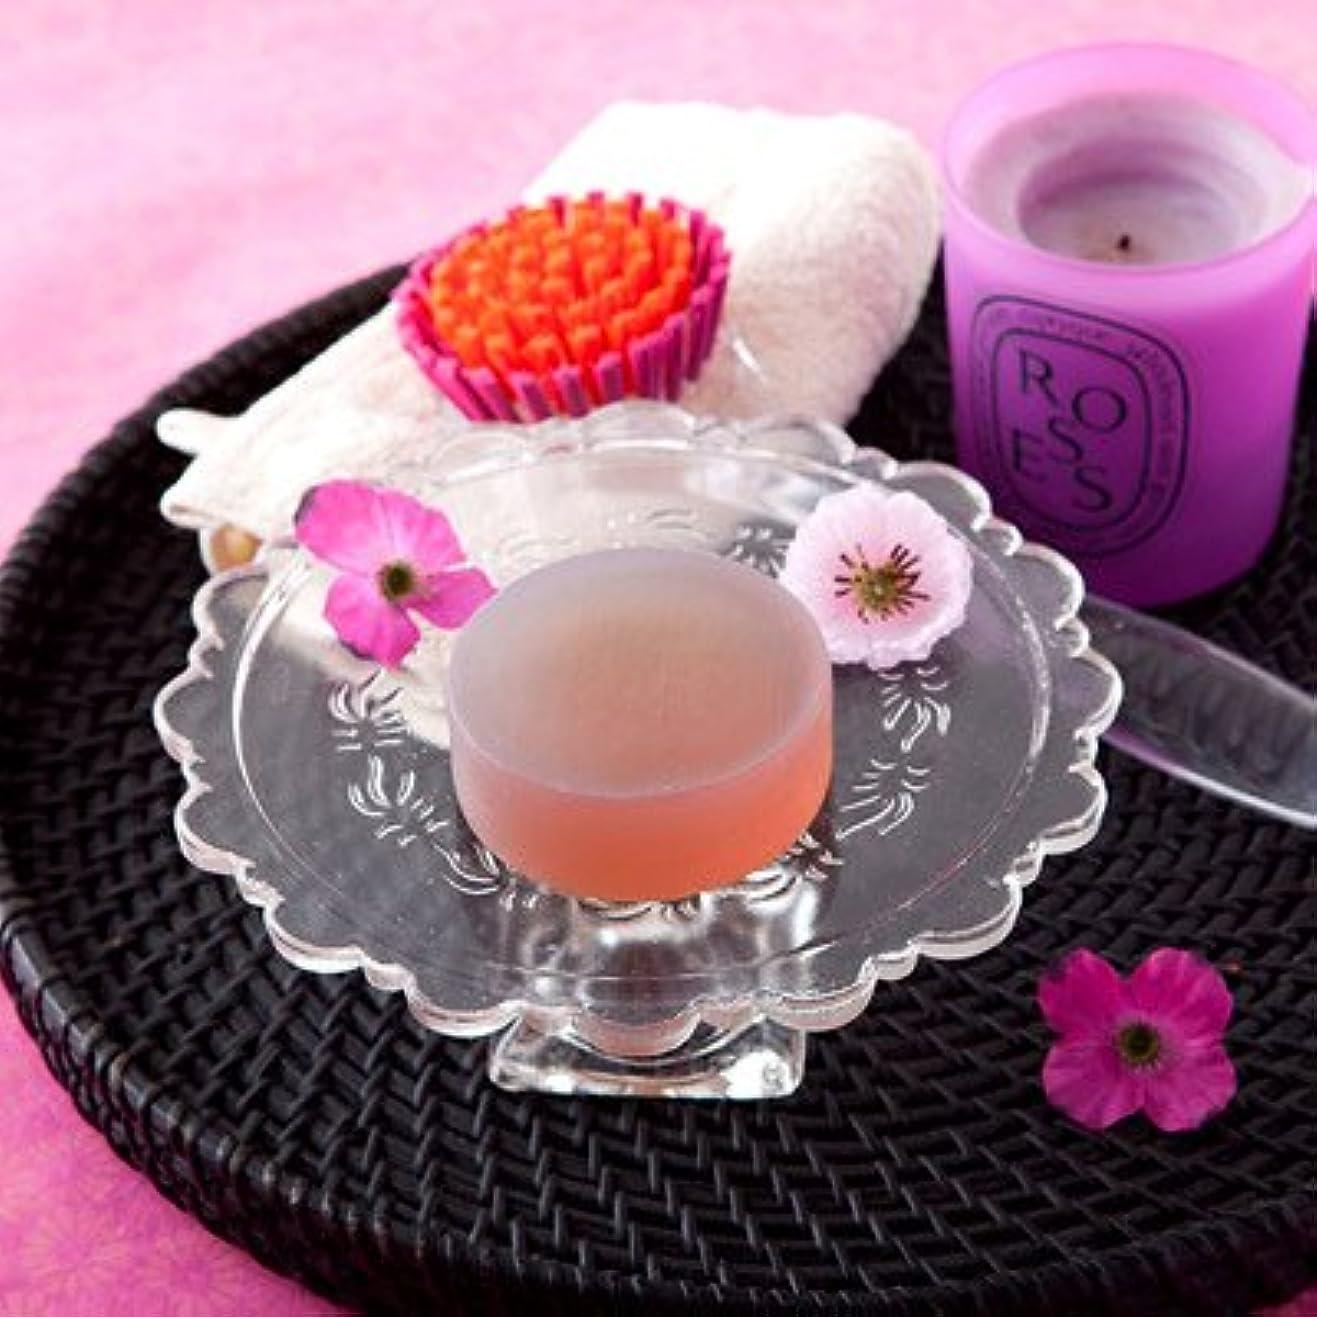 キャンセルスチュワーデス取り囲むお肌の弱い方も安心なクリアソープセット ペアローザ エステソープ 紫潤(2個セット)